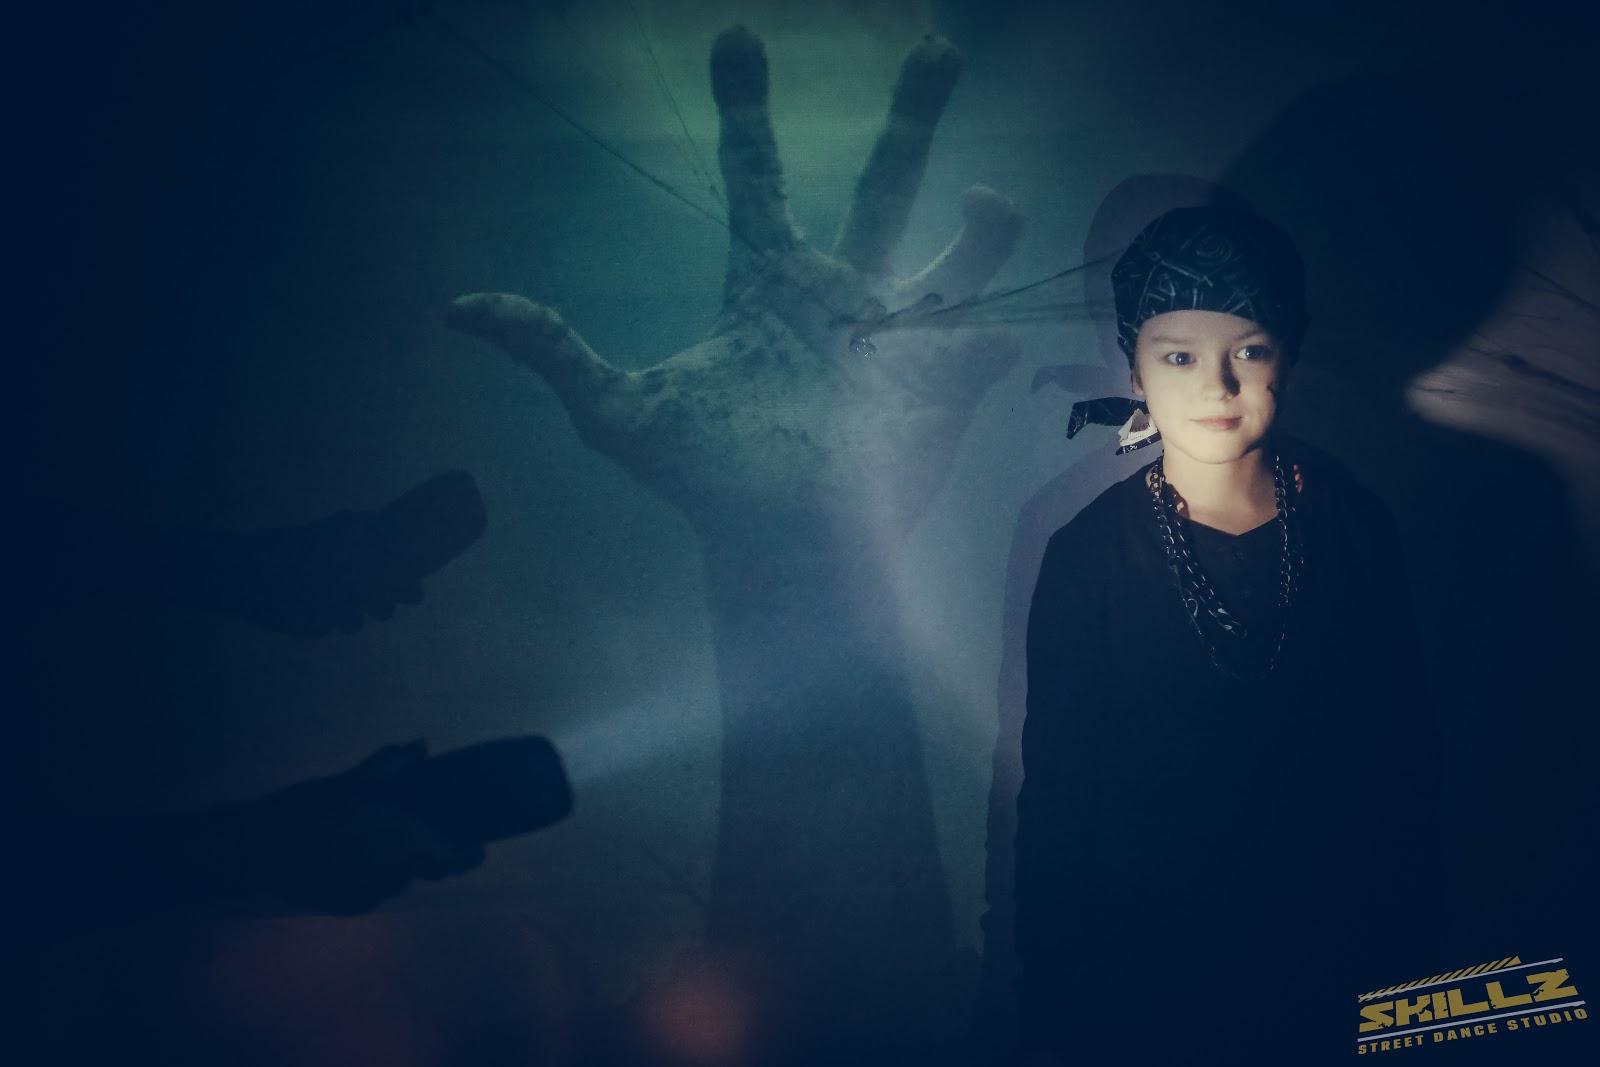 Naujikų krikštynos @SKILLZ (Halloween tema) - PANA1503.jpg